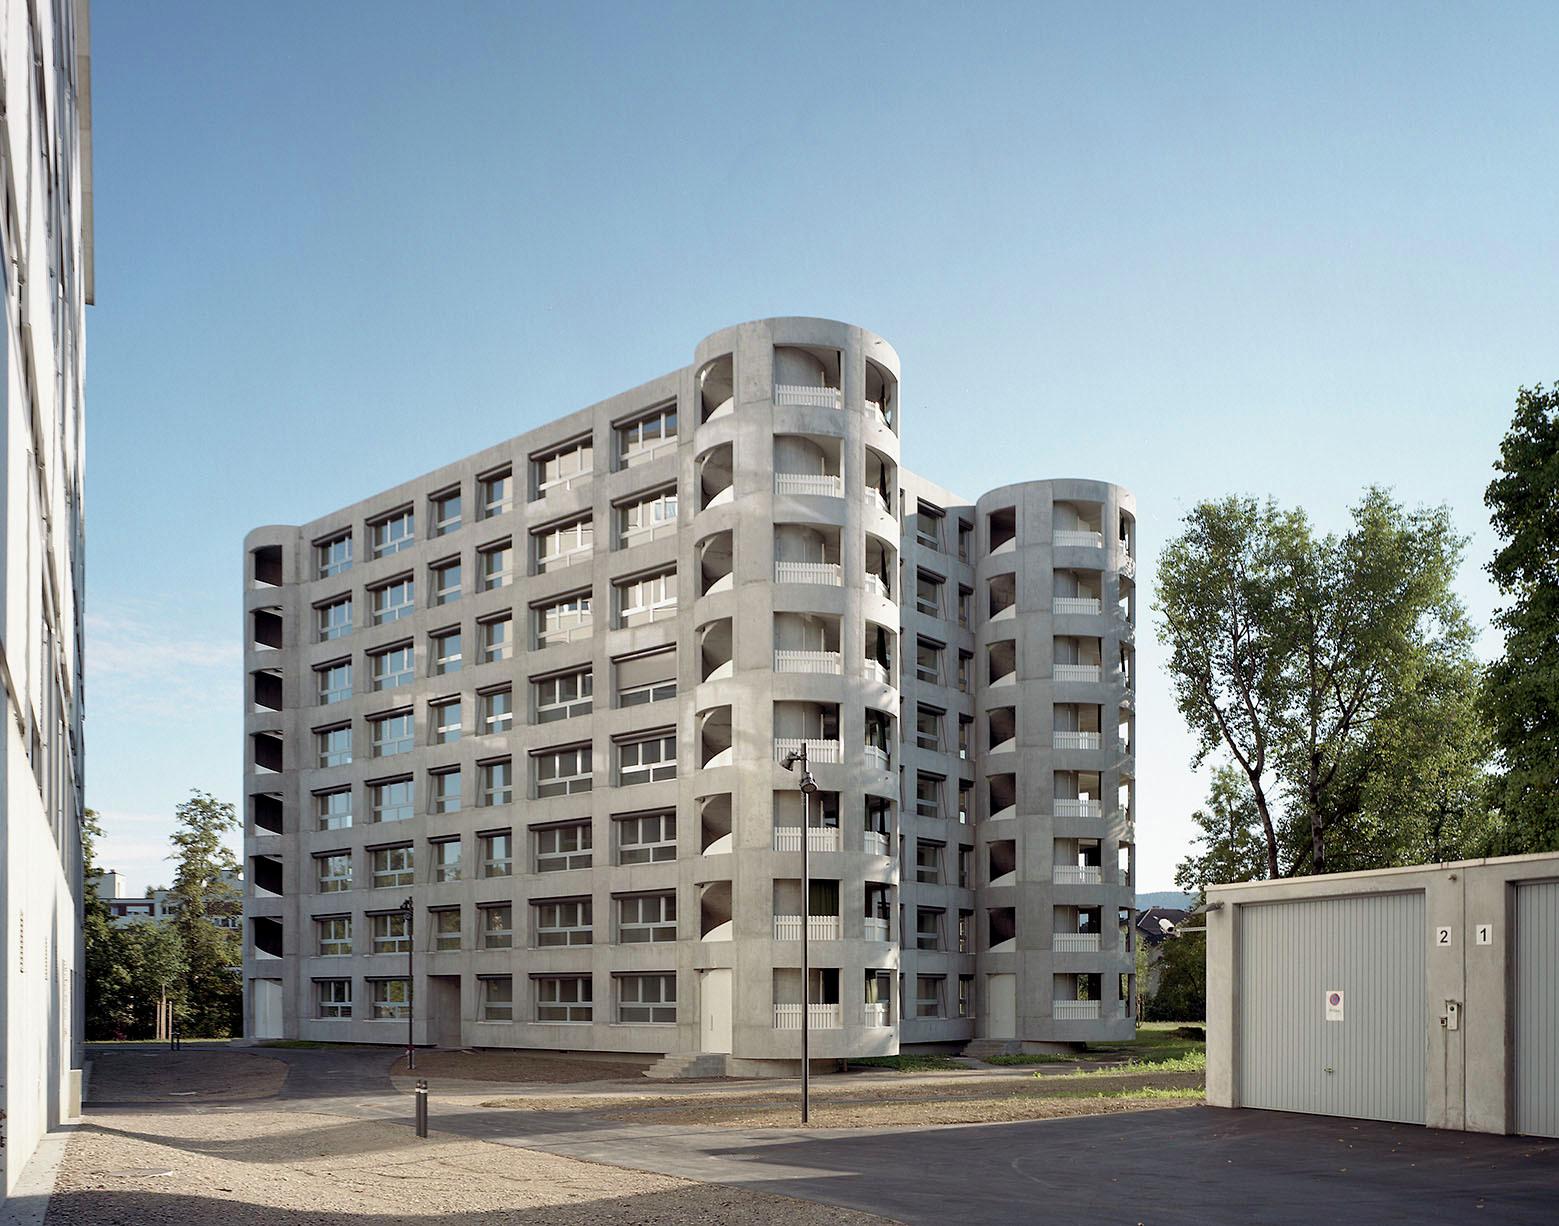 Zellwegerpark uster herzog de meuron archdaily for Architecture suisse